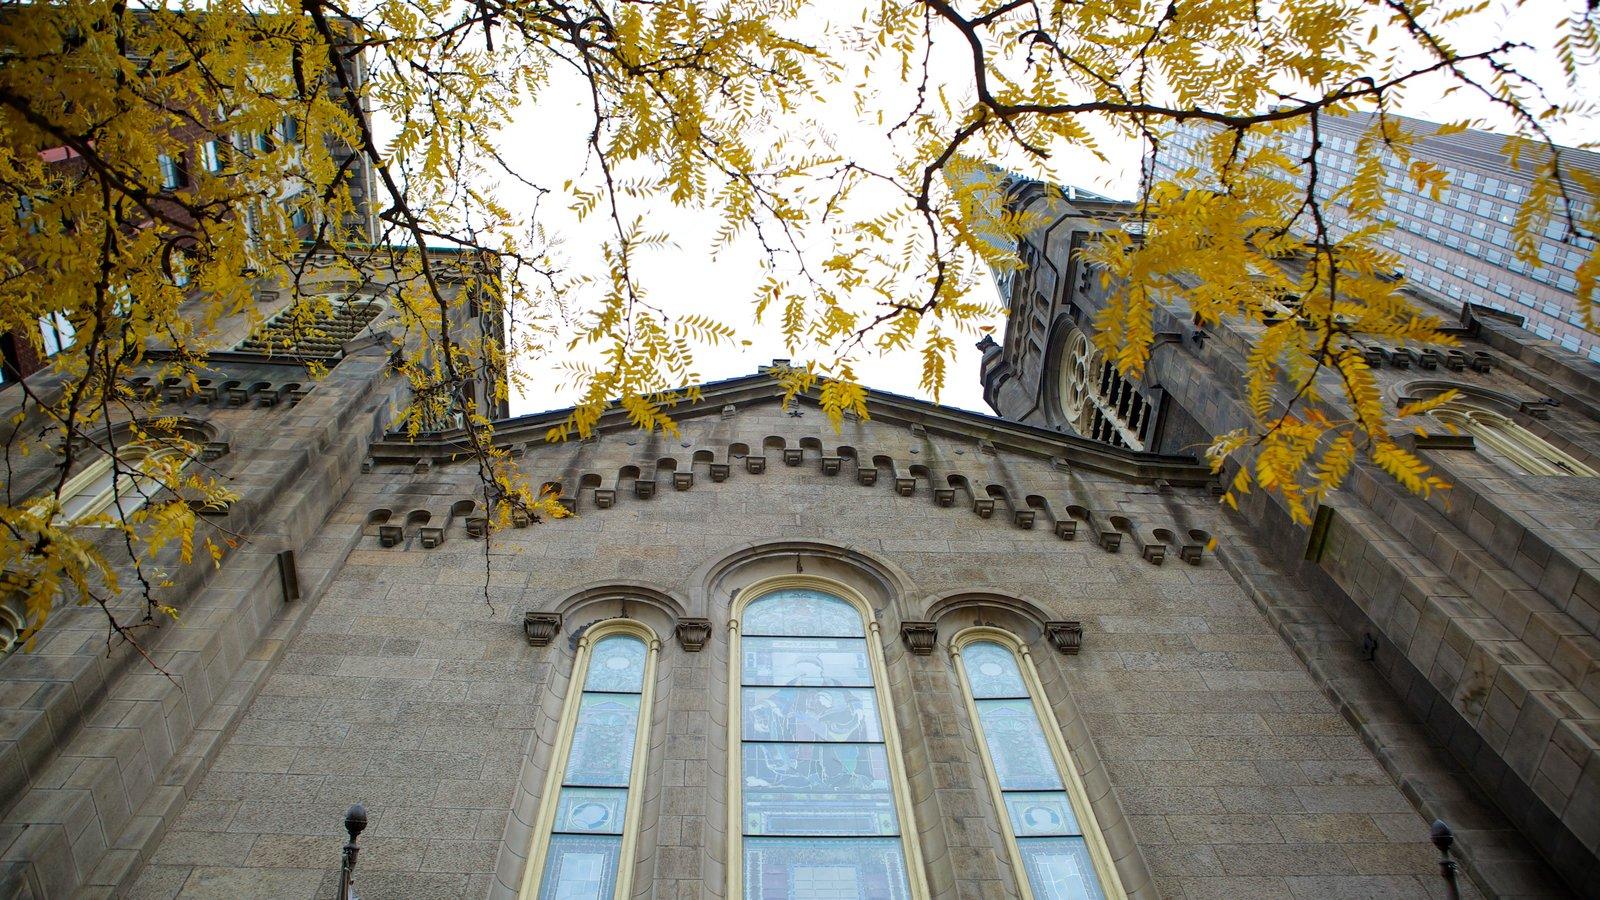 Old Stone Church caracterizando arquitetura de patrimônio e uma igreja ou catedral